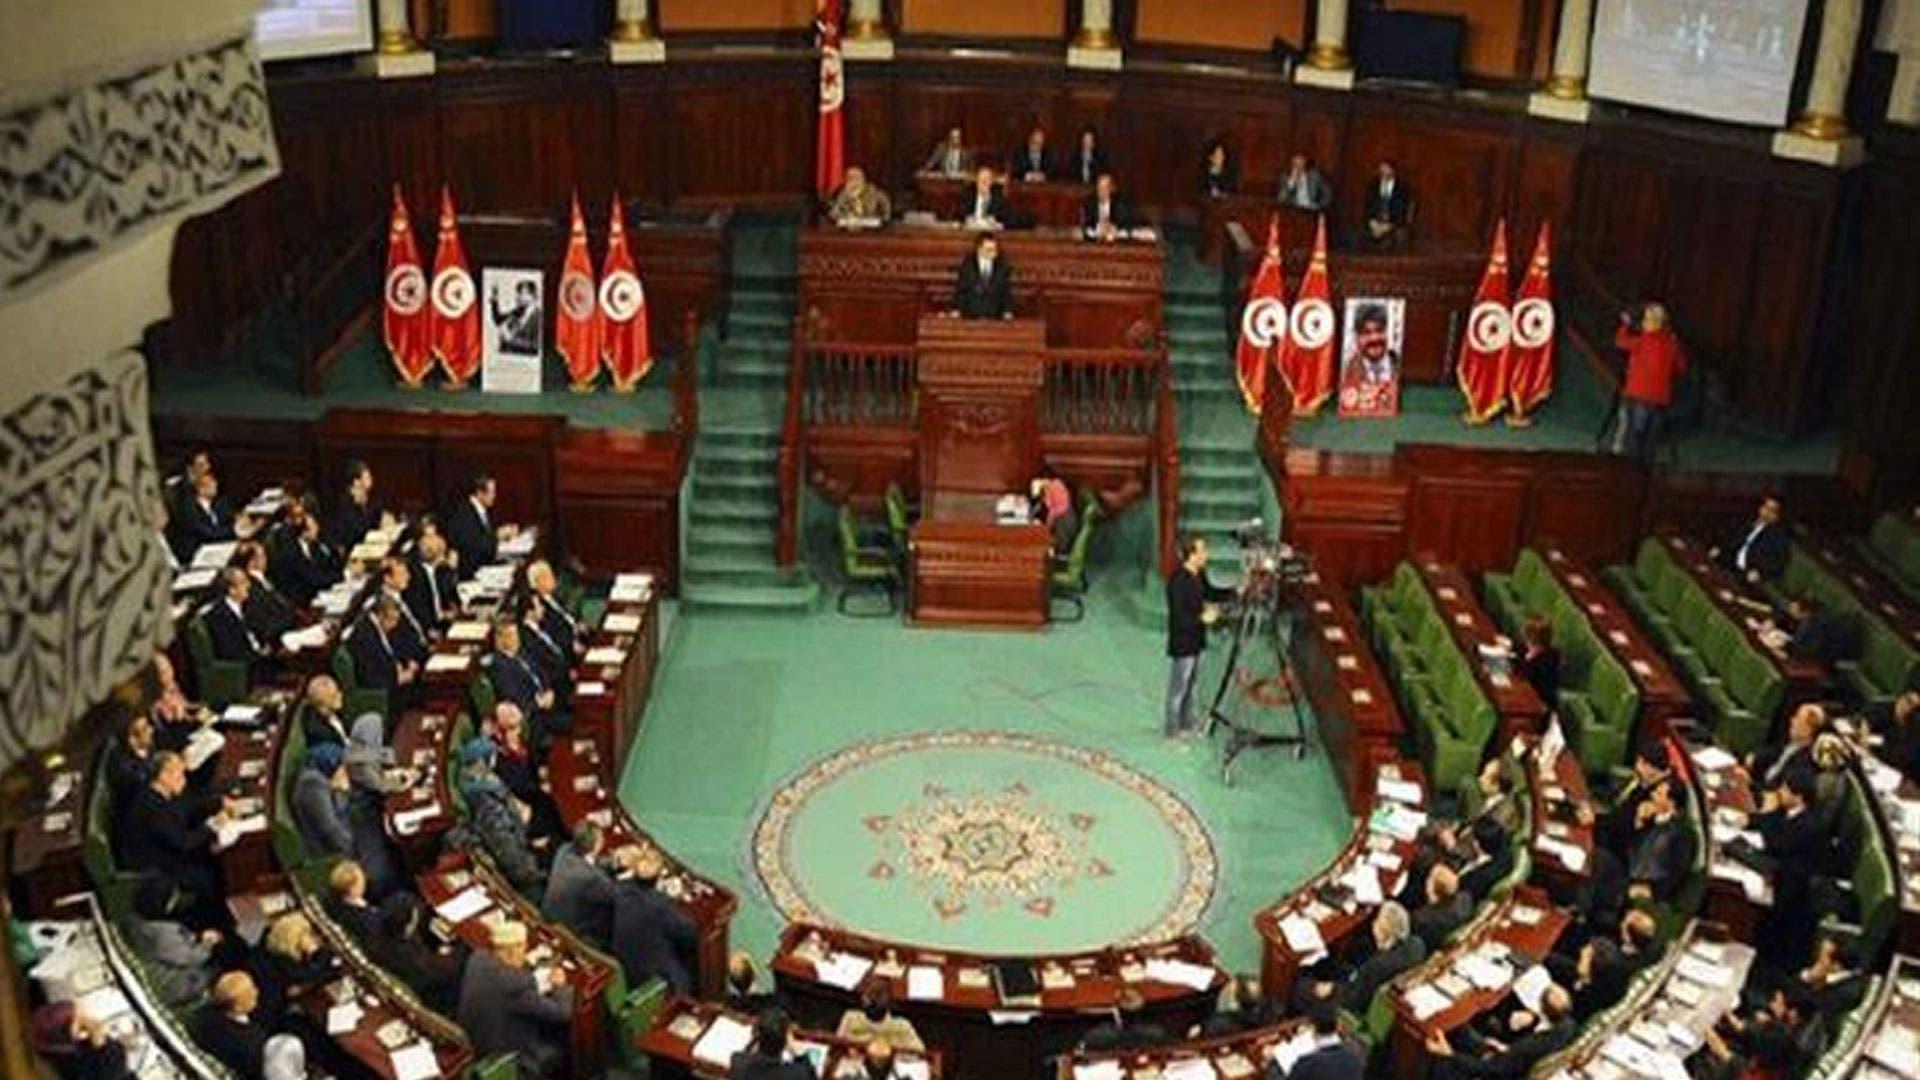 طبيب البرلمان يُعلن اصابة 6 نواب بفيروس كورونا